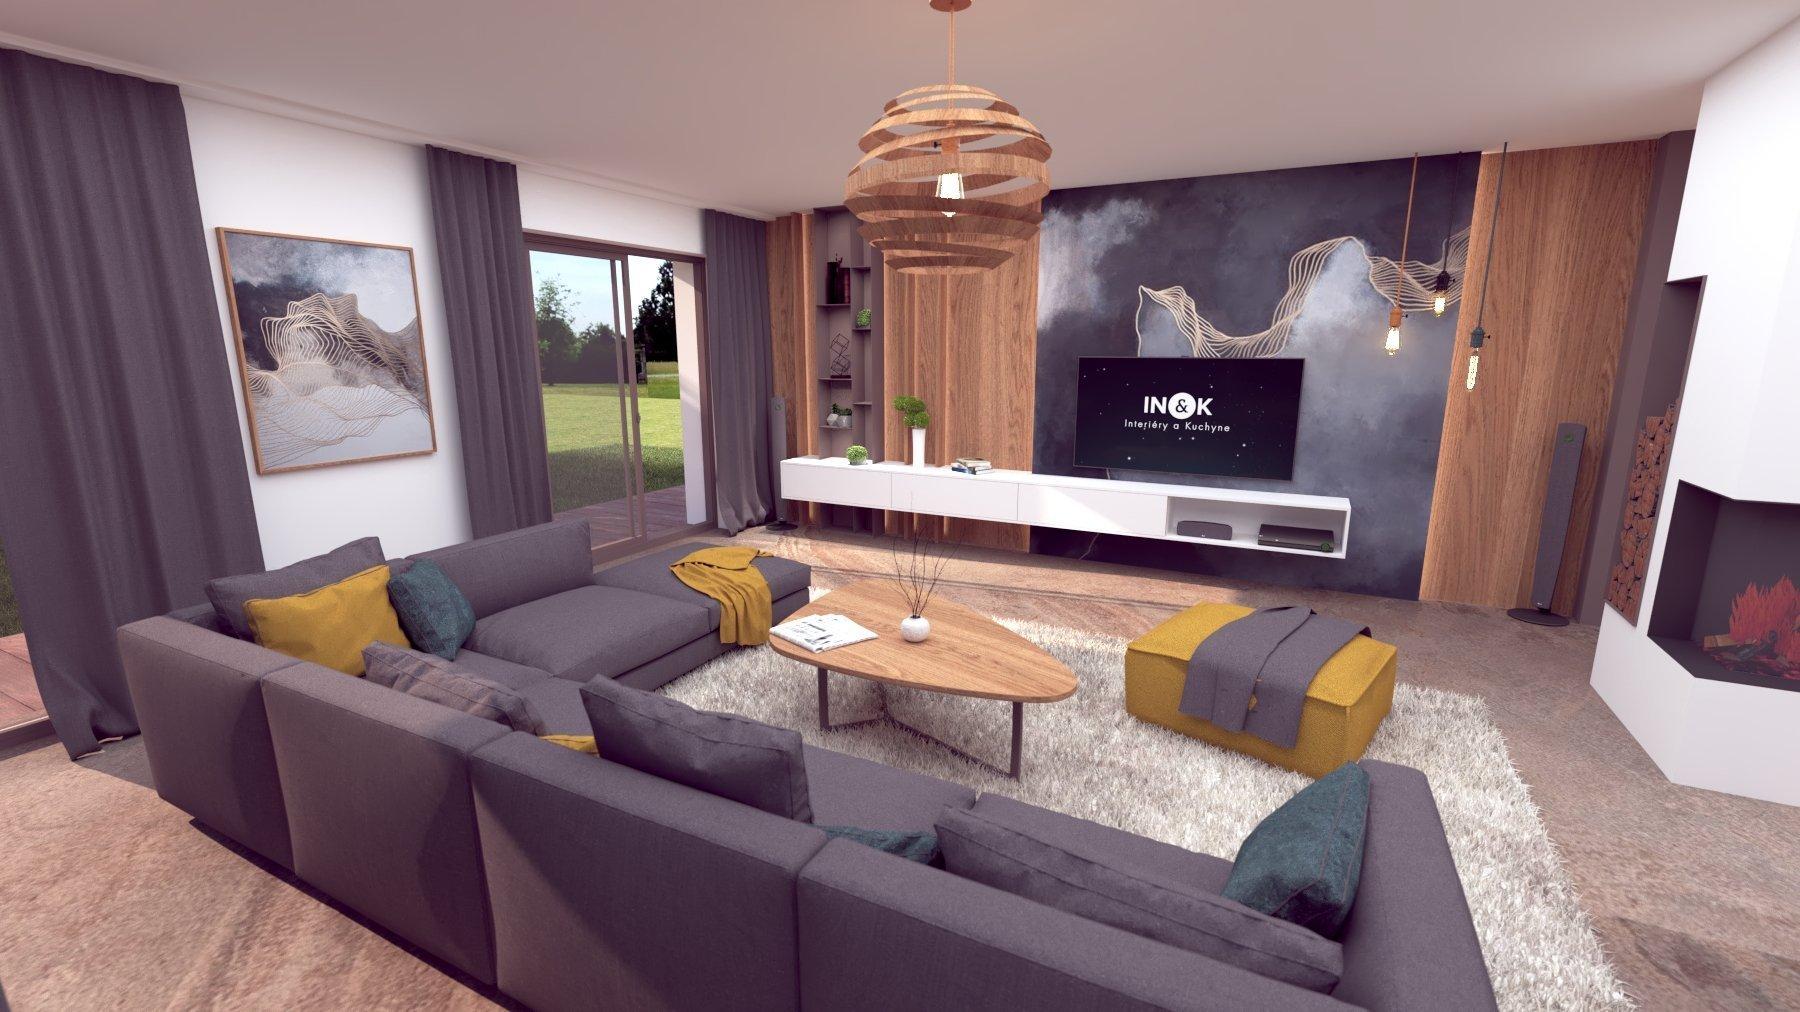 Pôvabný interiér s jemných nádychom luxusu, plný nápaditých detailov. Výrazné prepojenie prírodných materiálov s modernými tecnológiami.